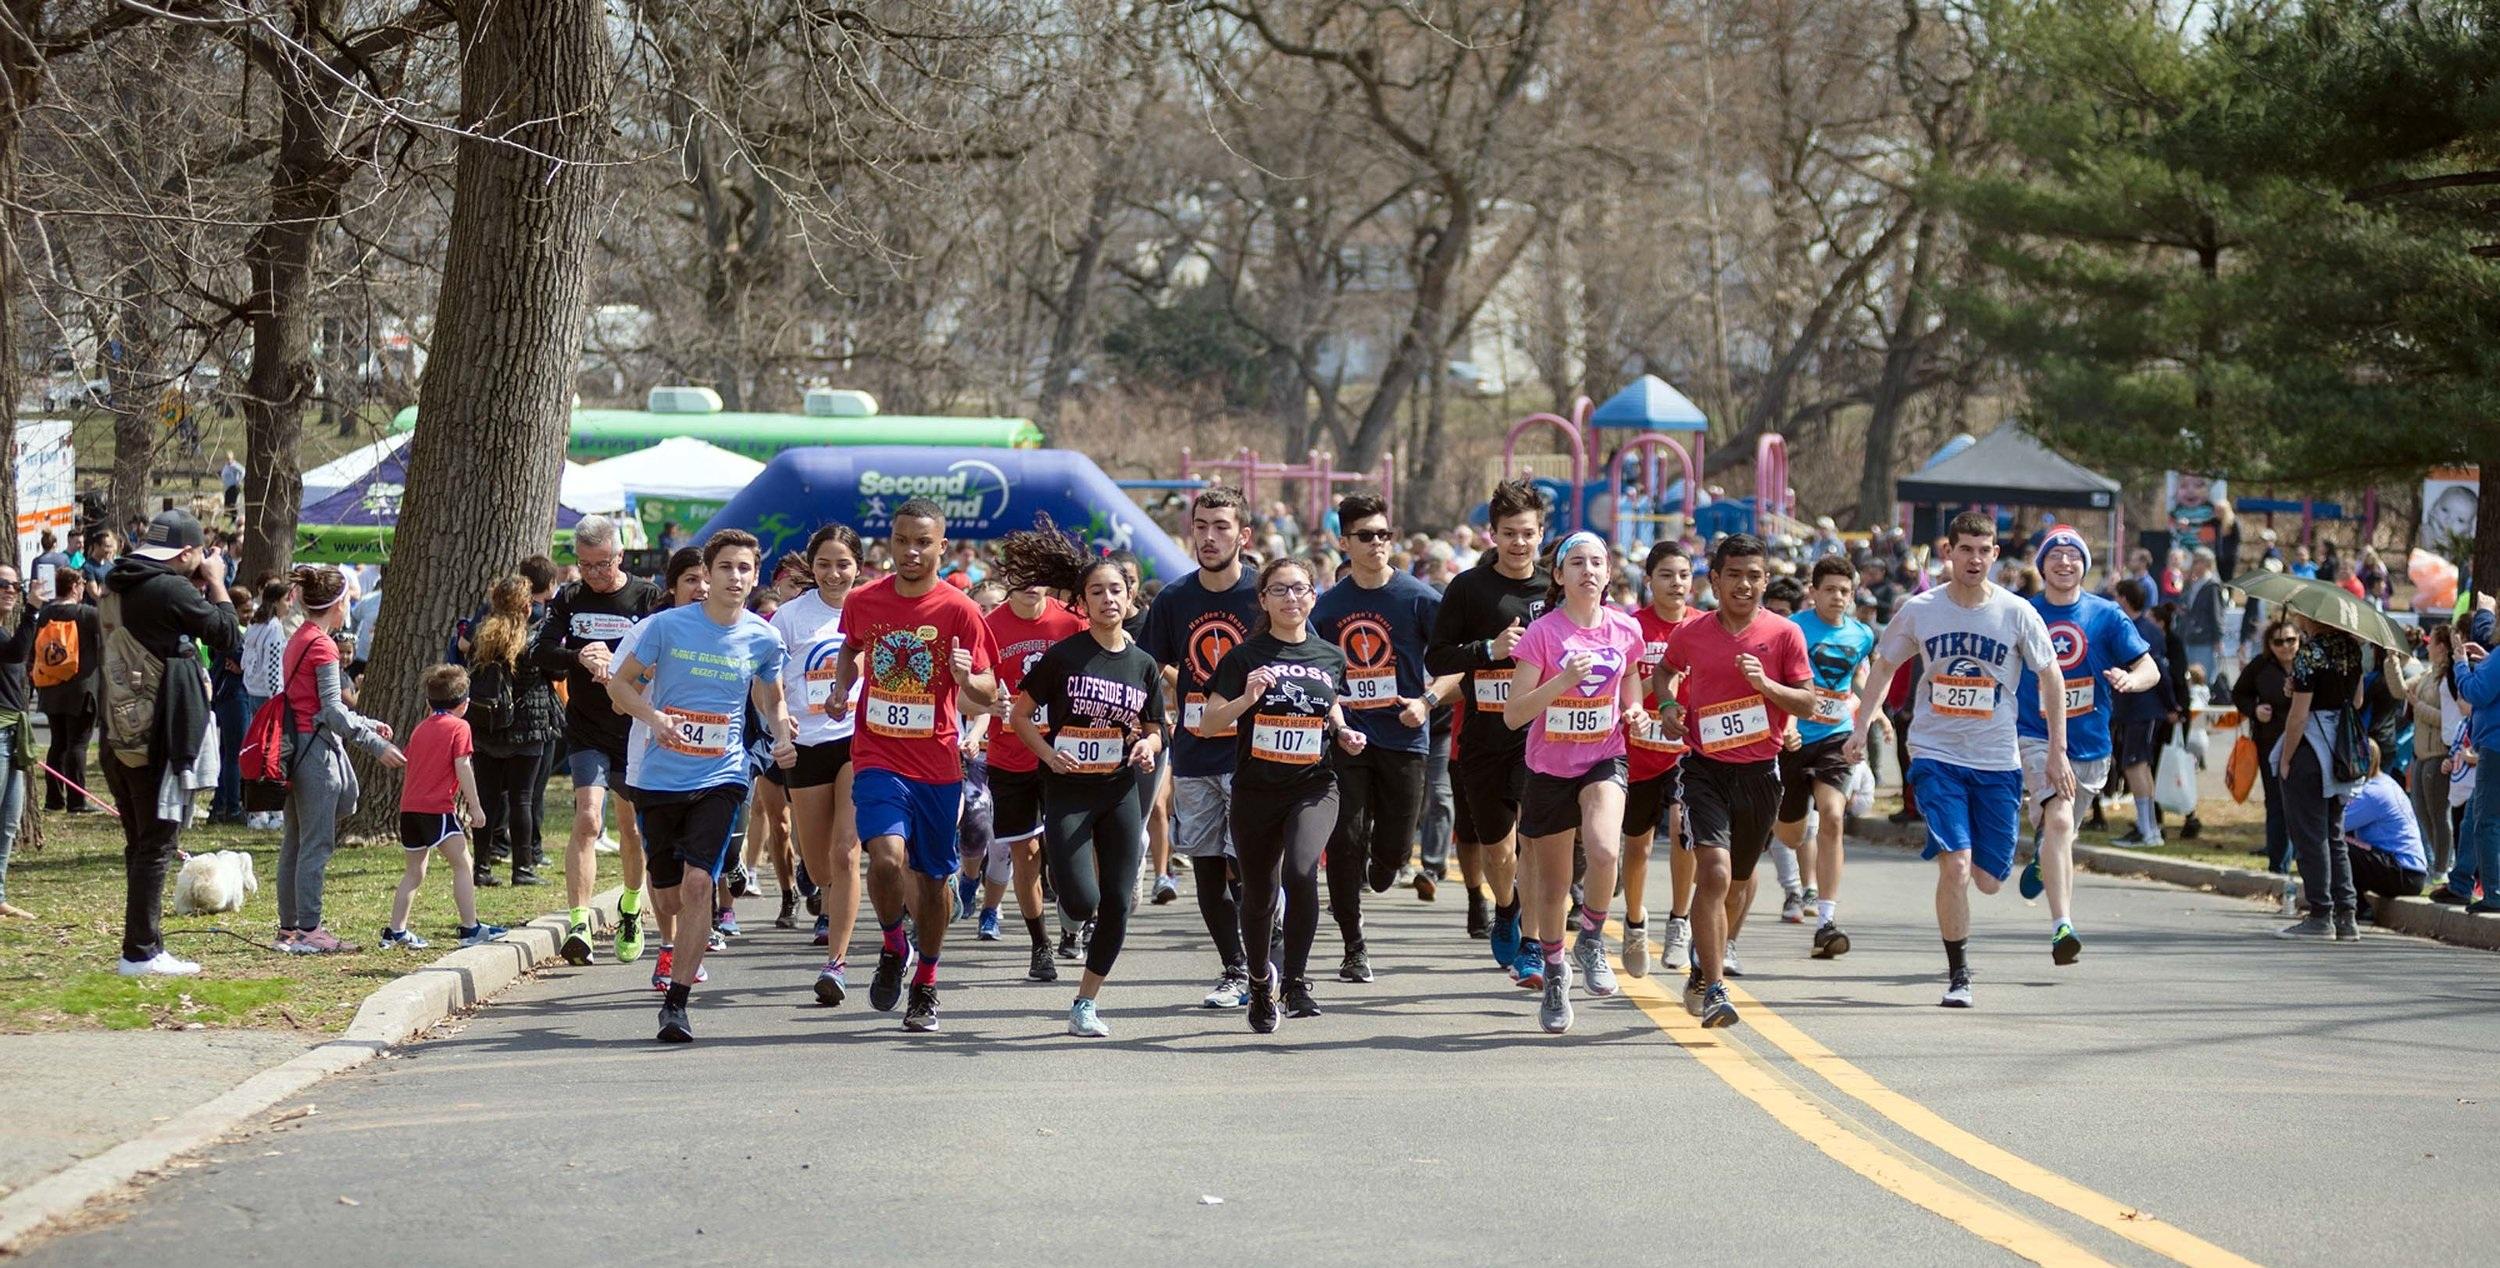 2019-03-30 Haydens Heart 5k - Riverside County Park - North Arlington NJ-459.jpg